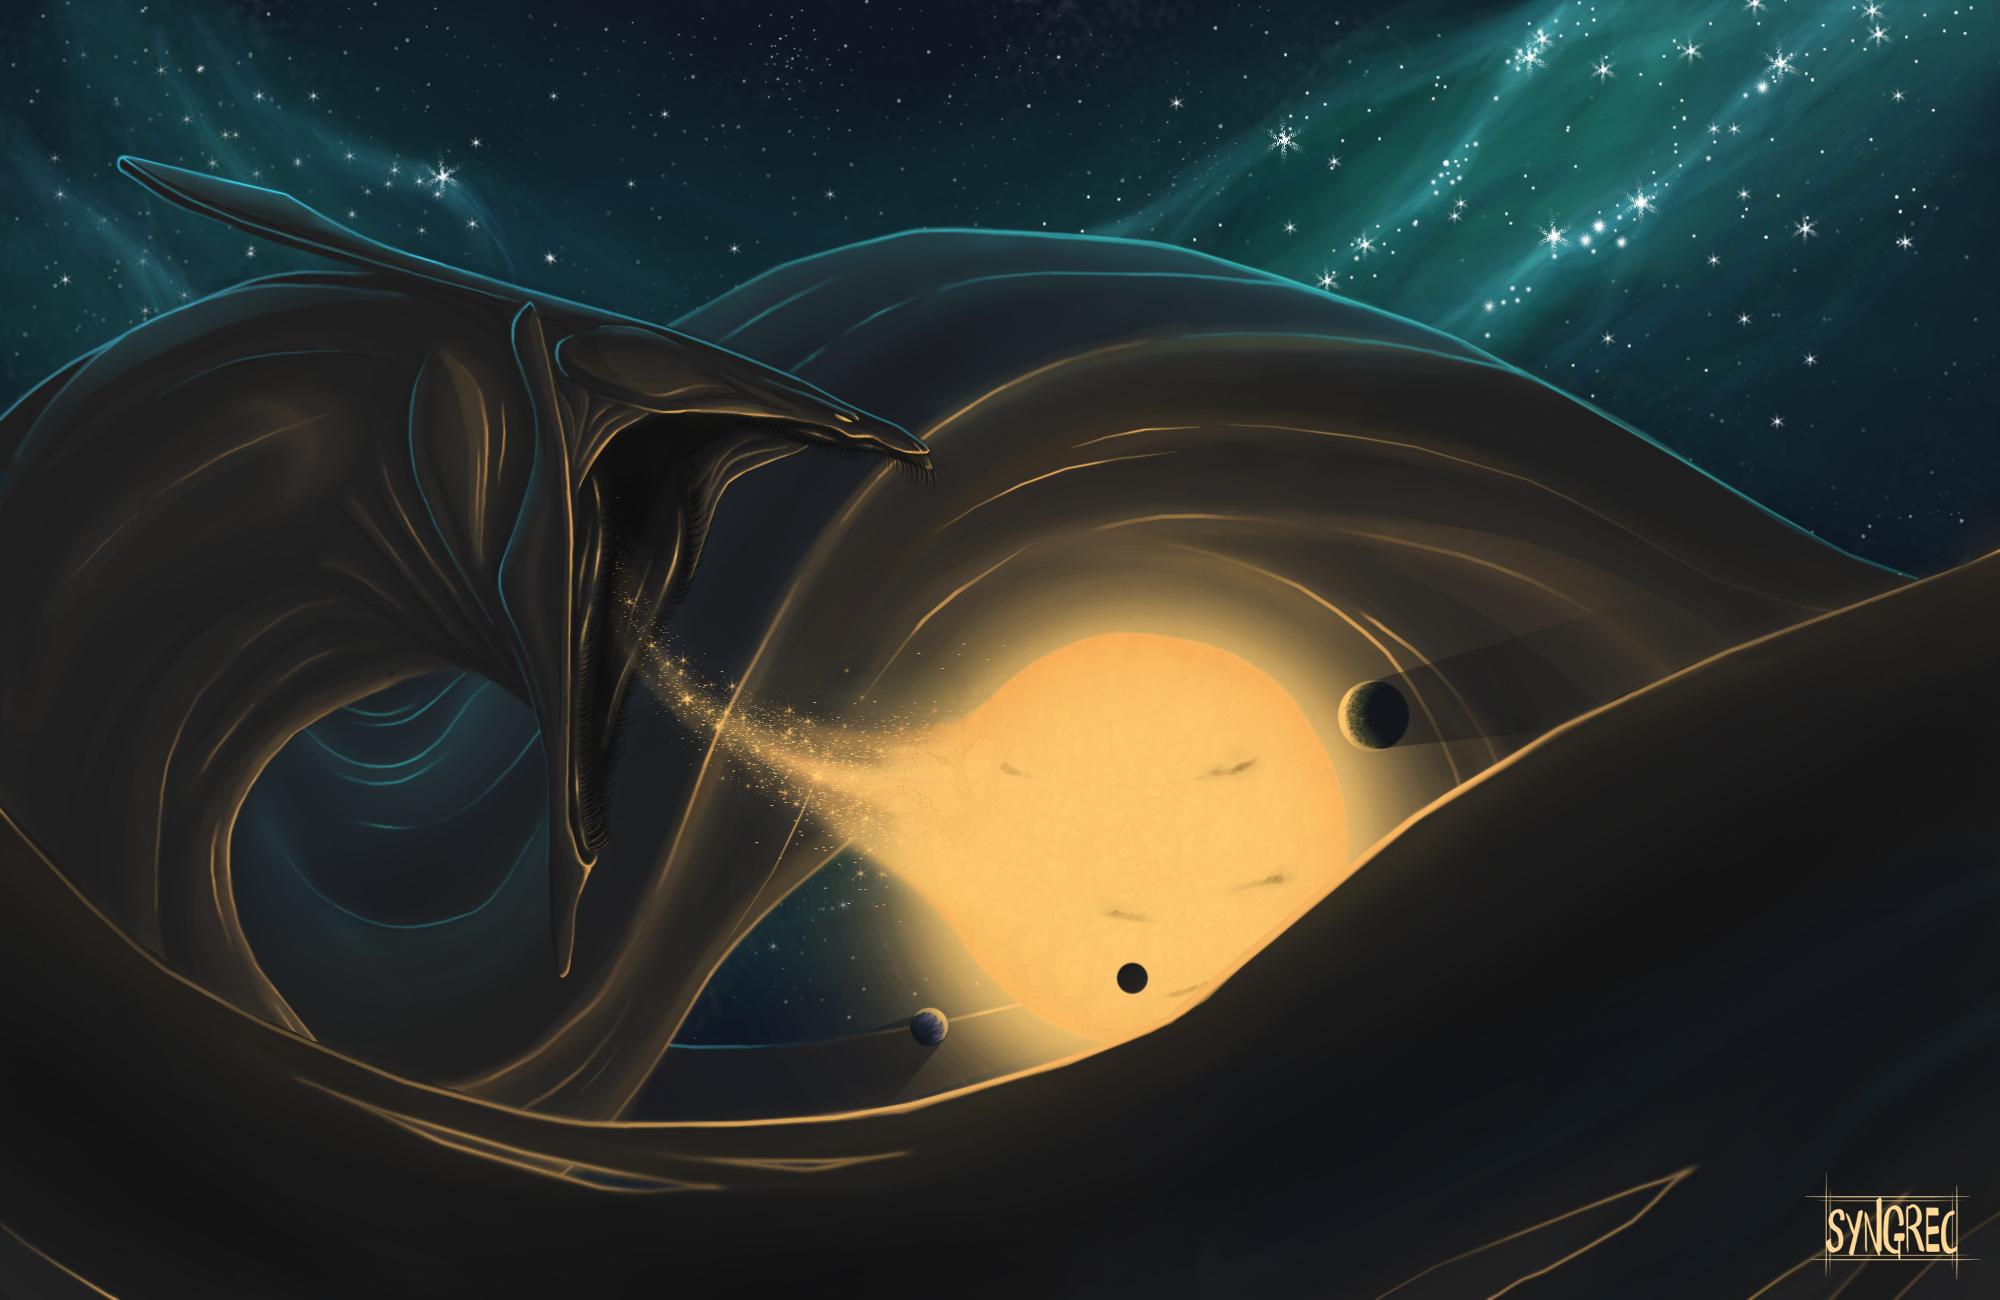 Supermassive Black Hole By Syngrec On DeviantArt